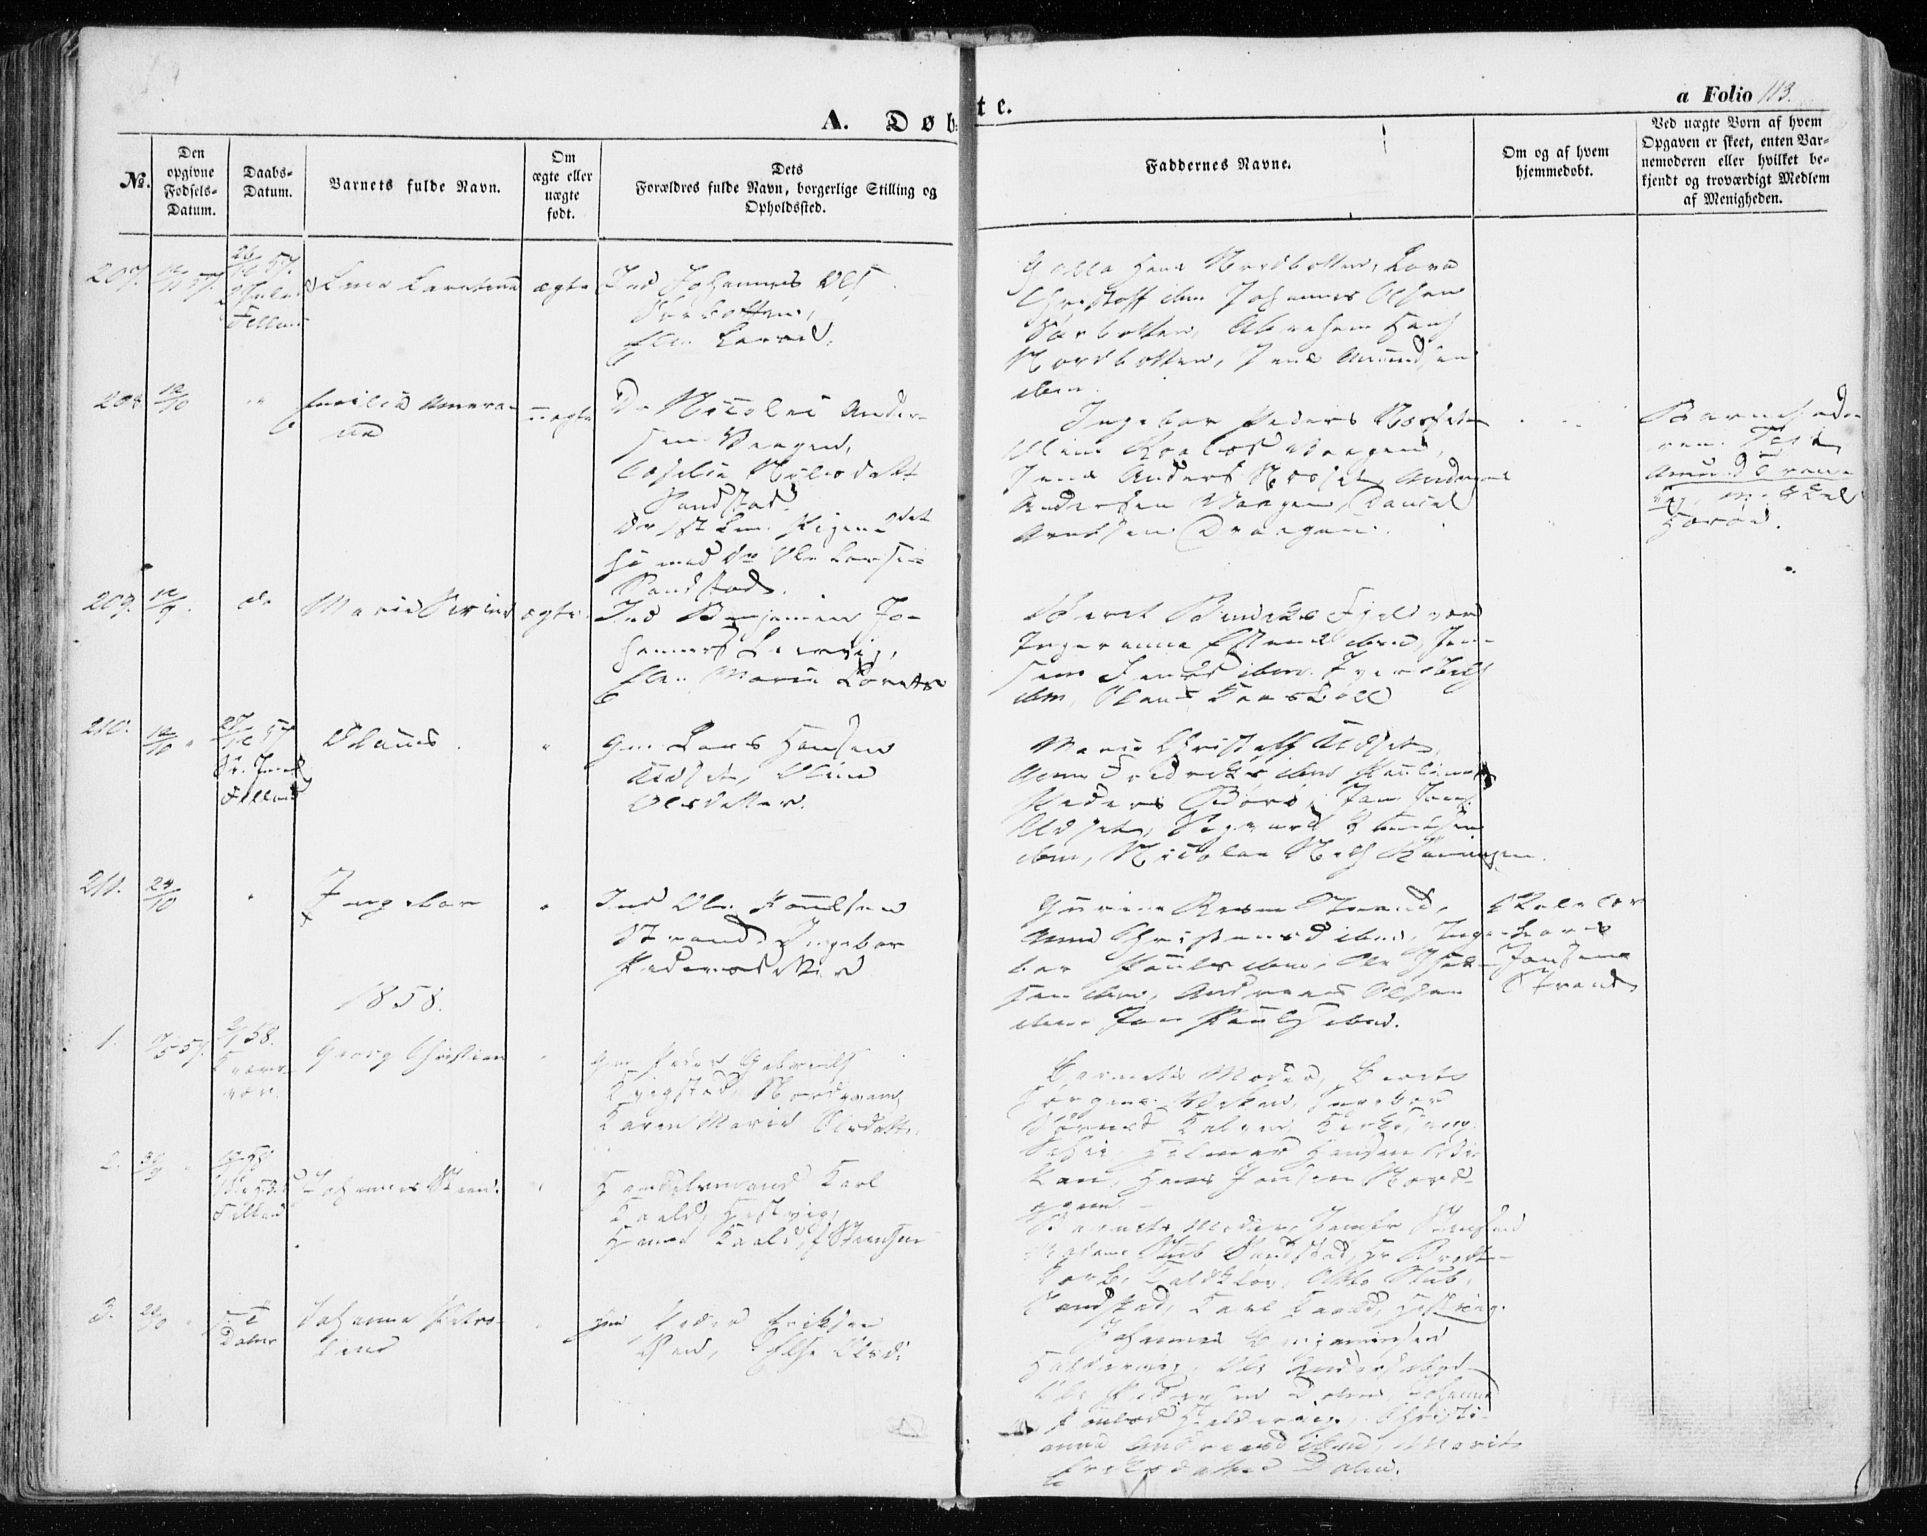 SAT, Ministerialprotokoller, klokkerbøker og fødselsregistre - Sør-Trøndelag, 634/L0530: Ministerialbok nr. 634A06, 1852-1860, s. 113